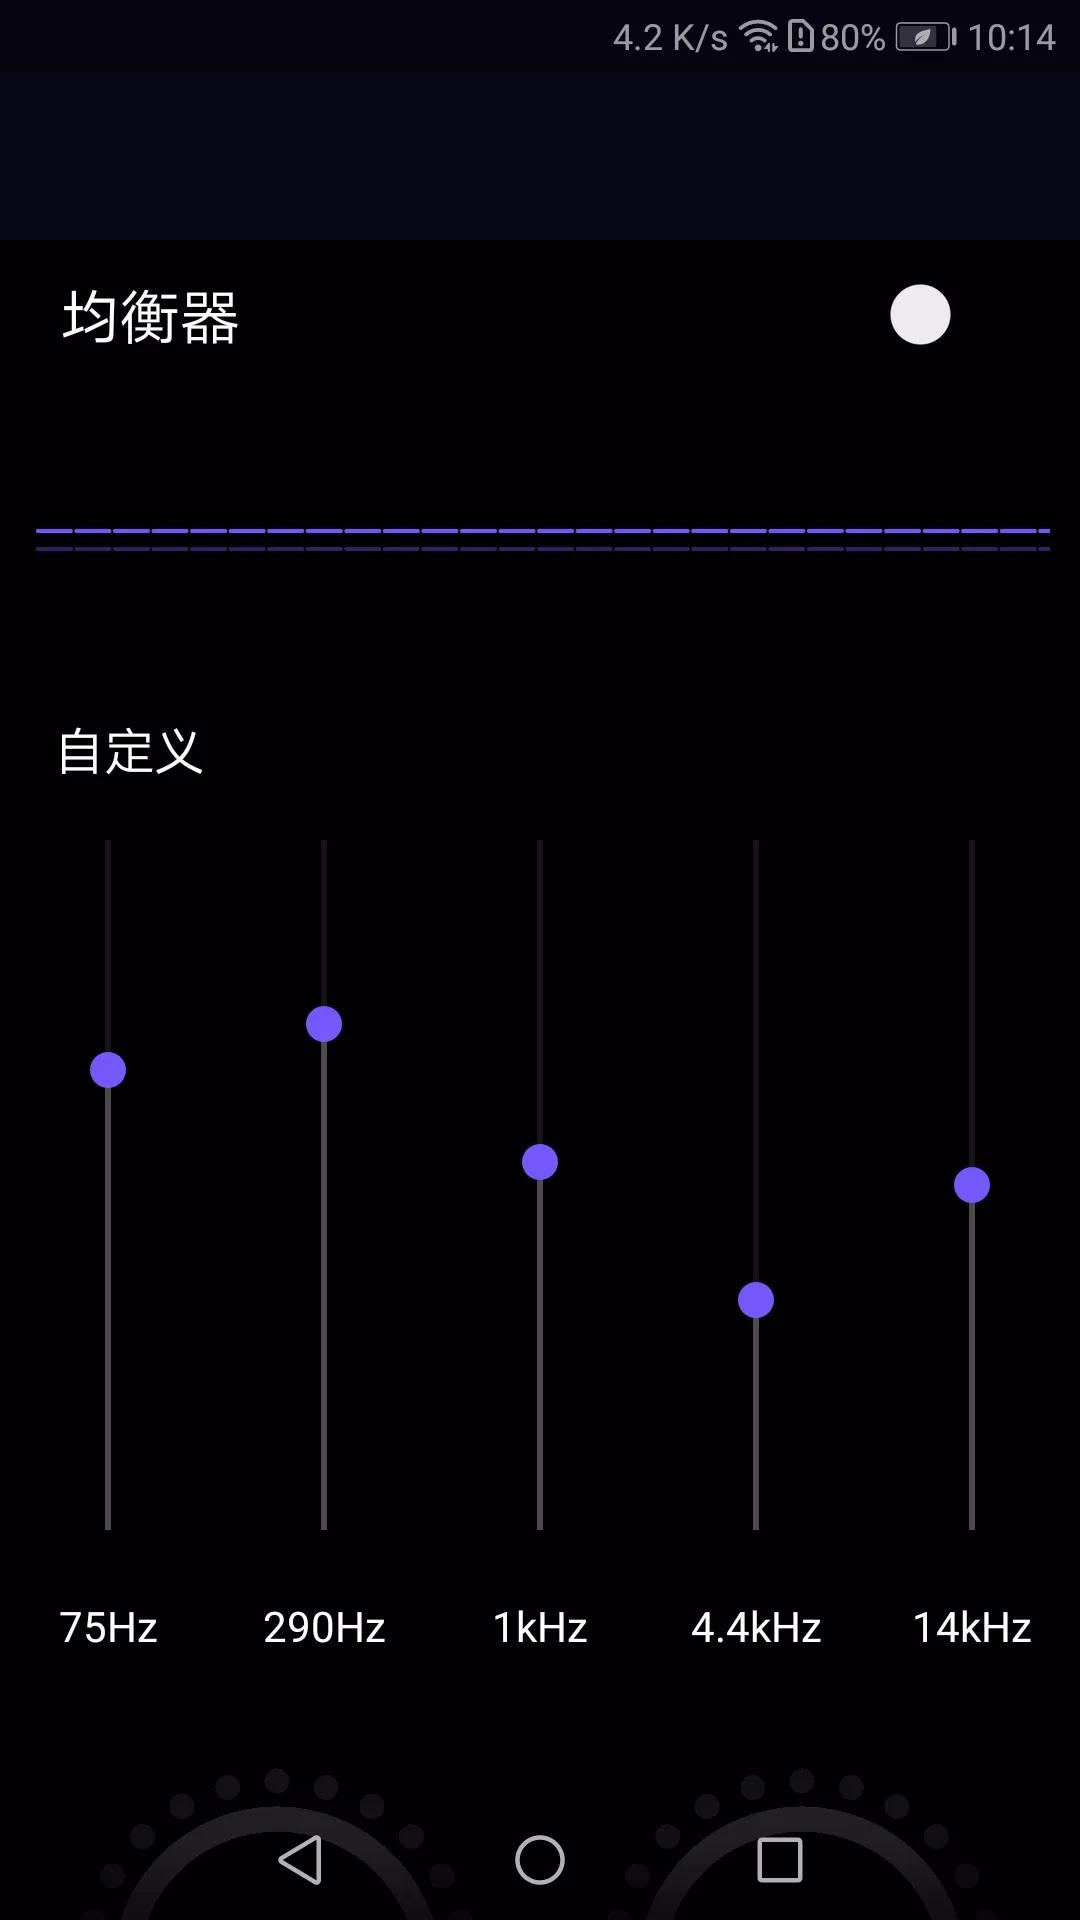 什么音乐播放器听歌免费(排名第一的音乐播放器)插图(5)